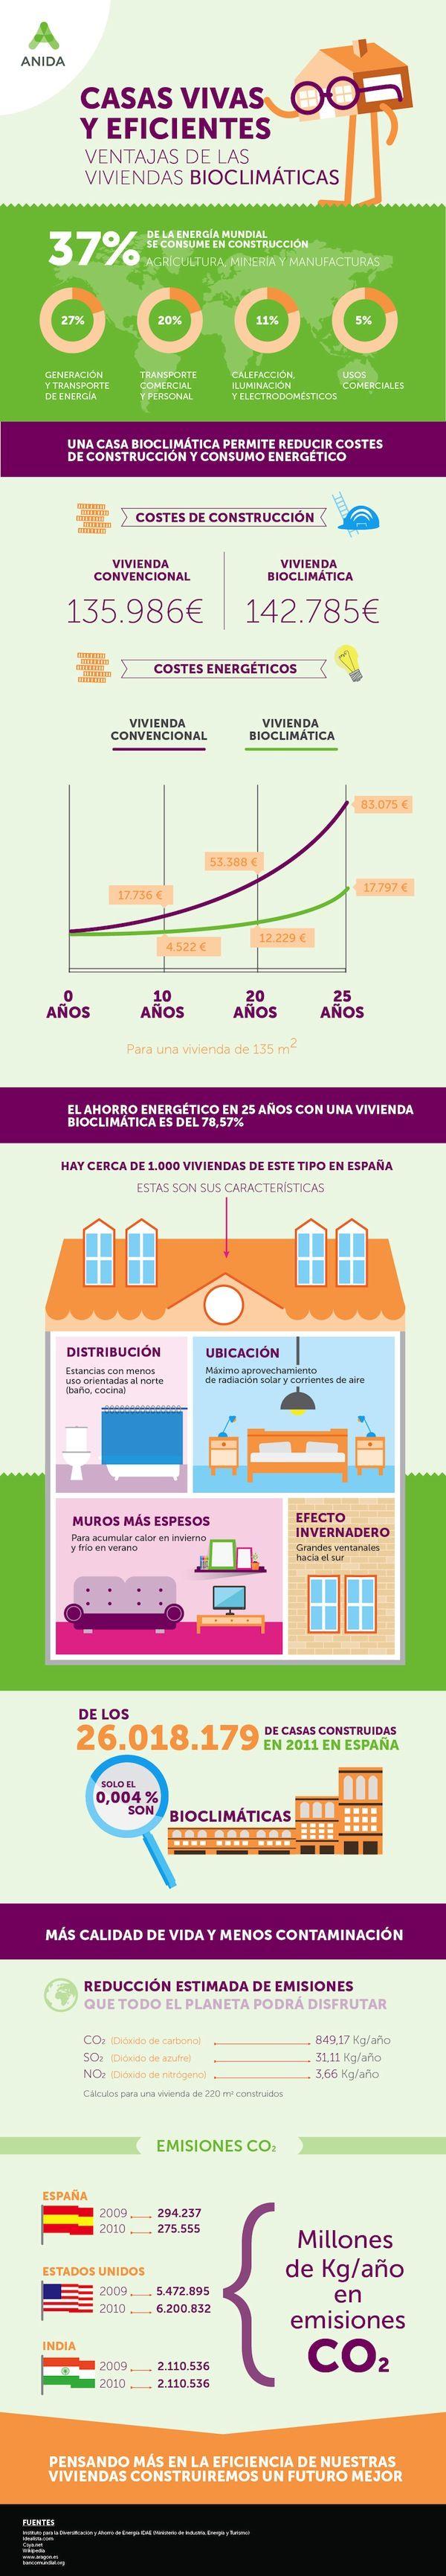 Infografía Casa bioclimática